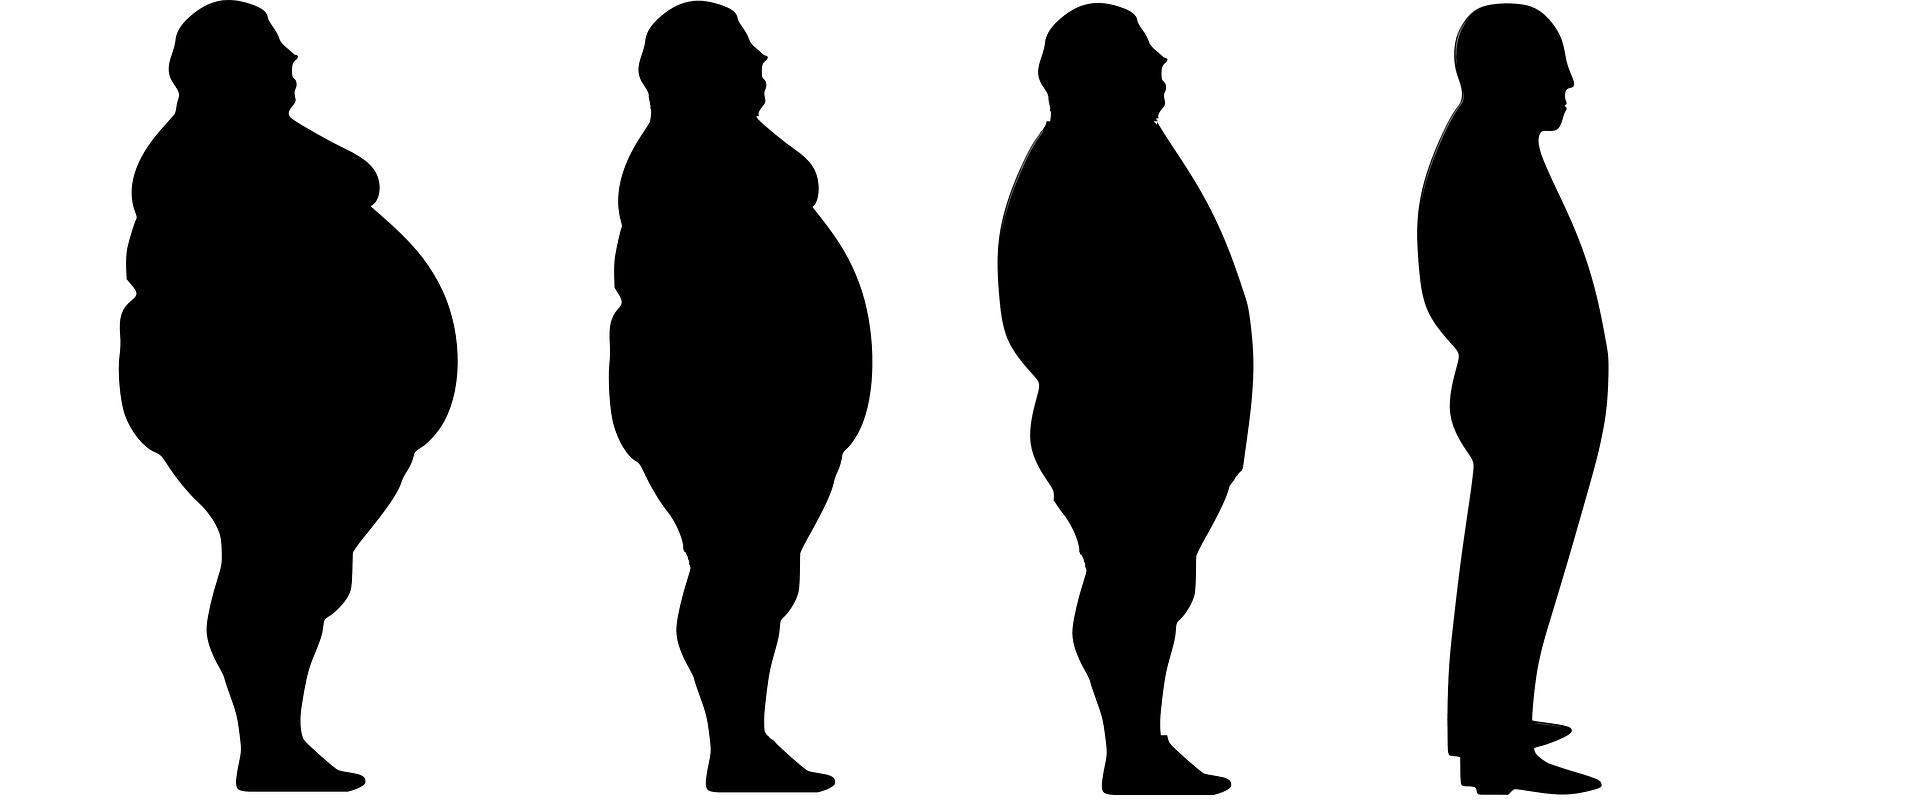 Obesidad, causas y síntomas asociados